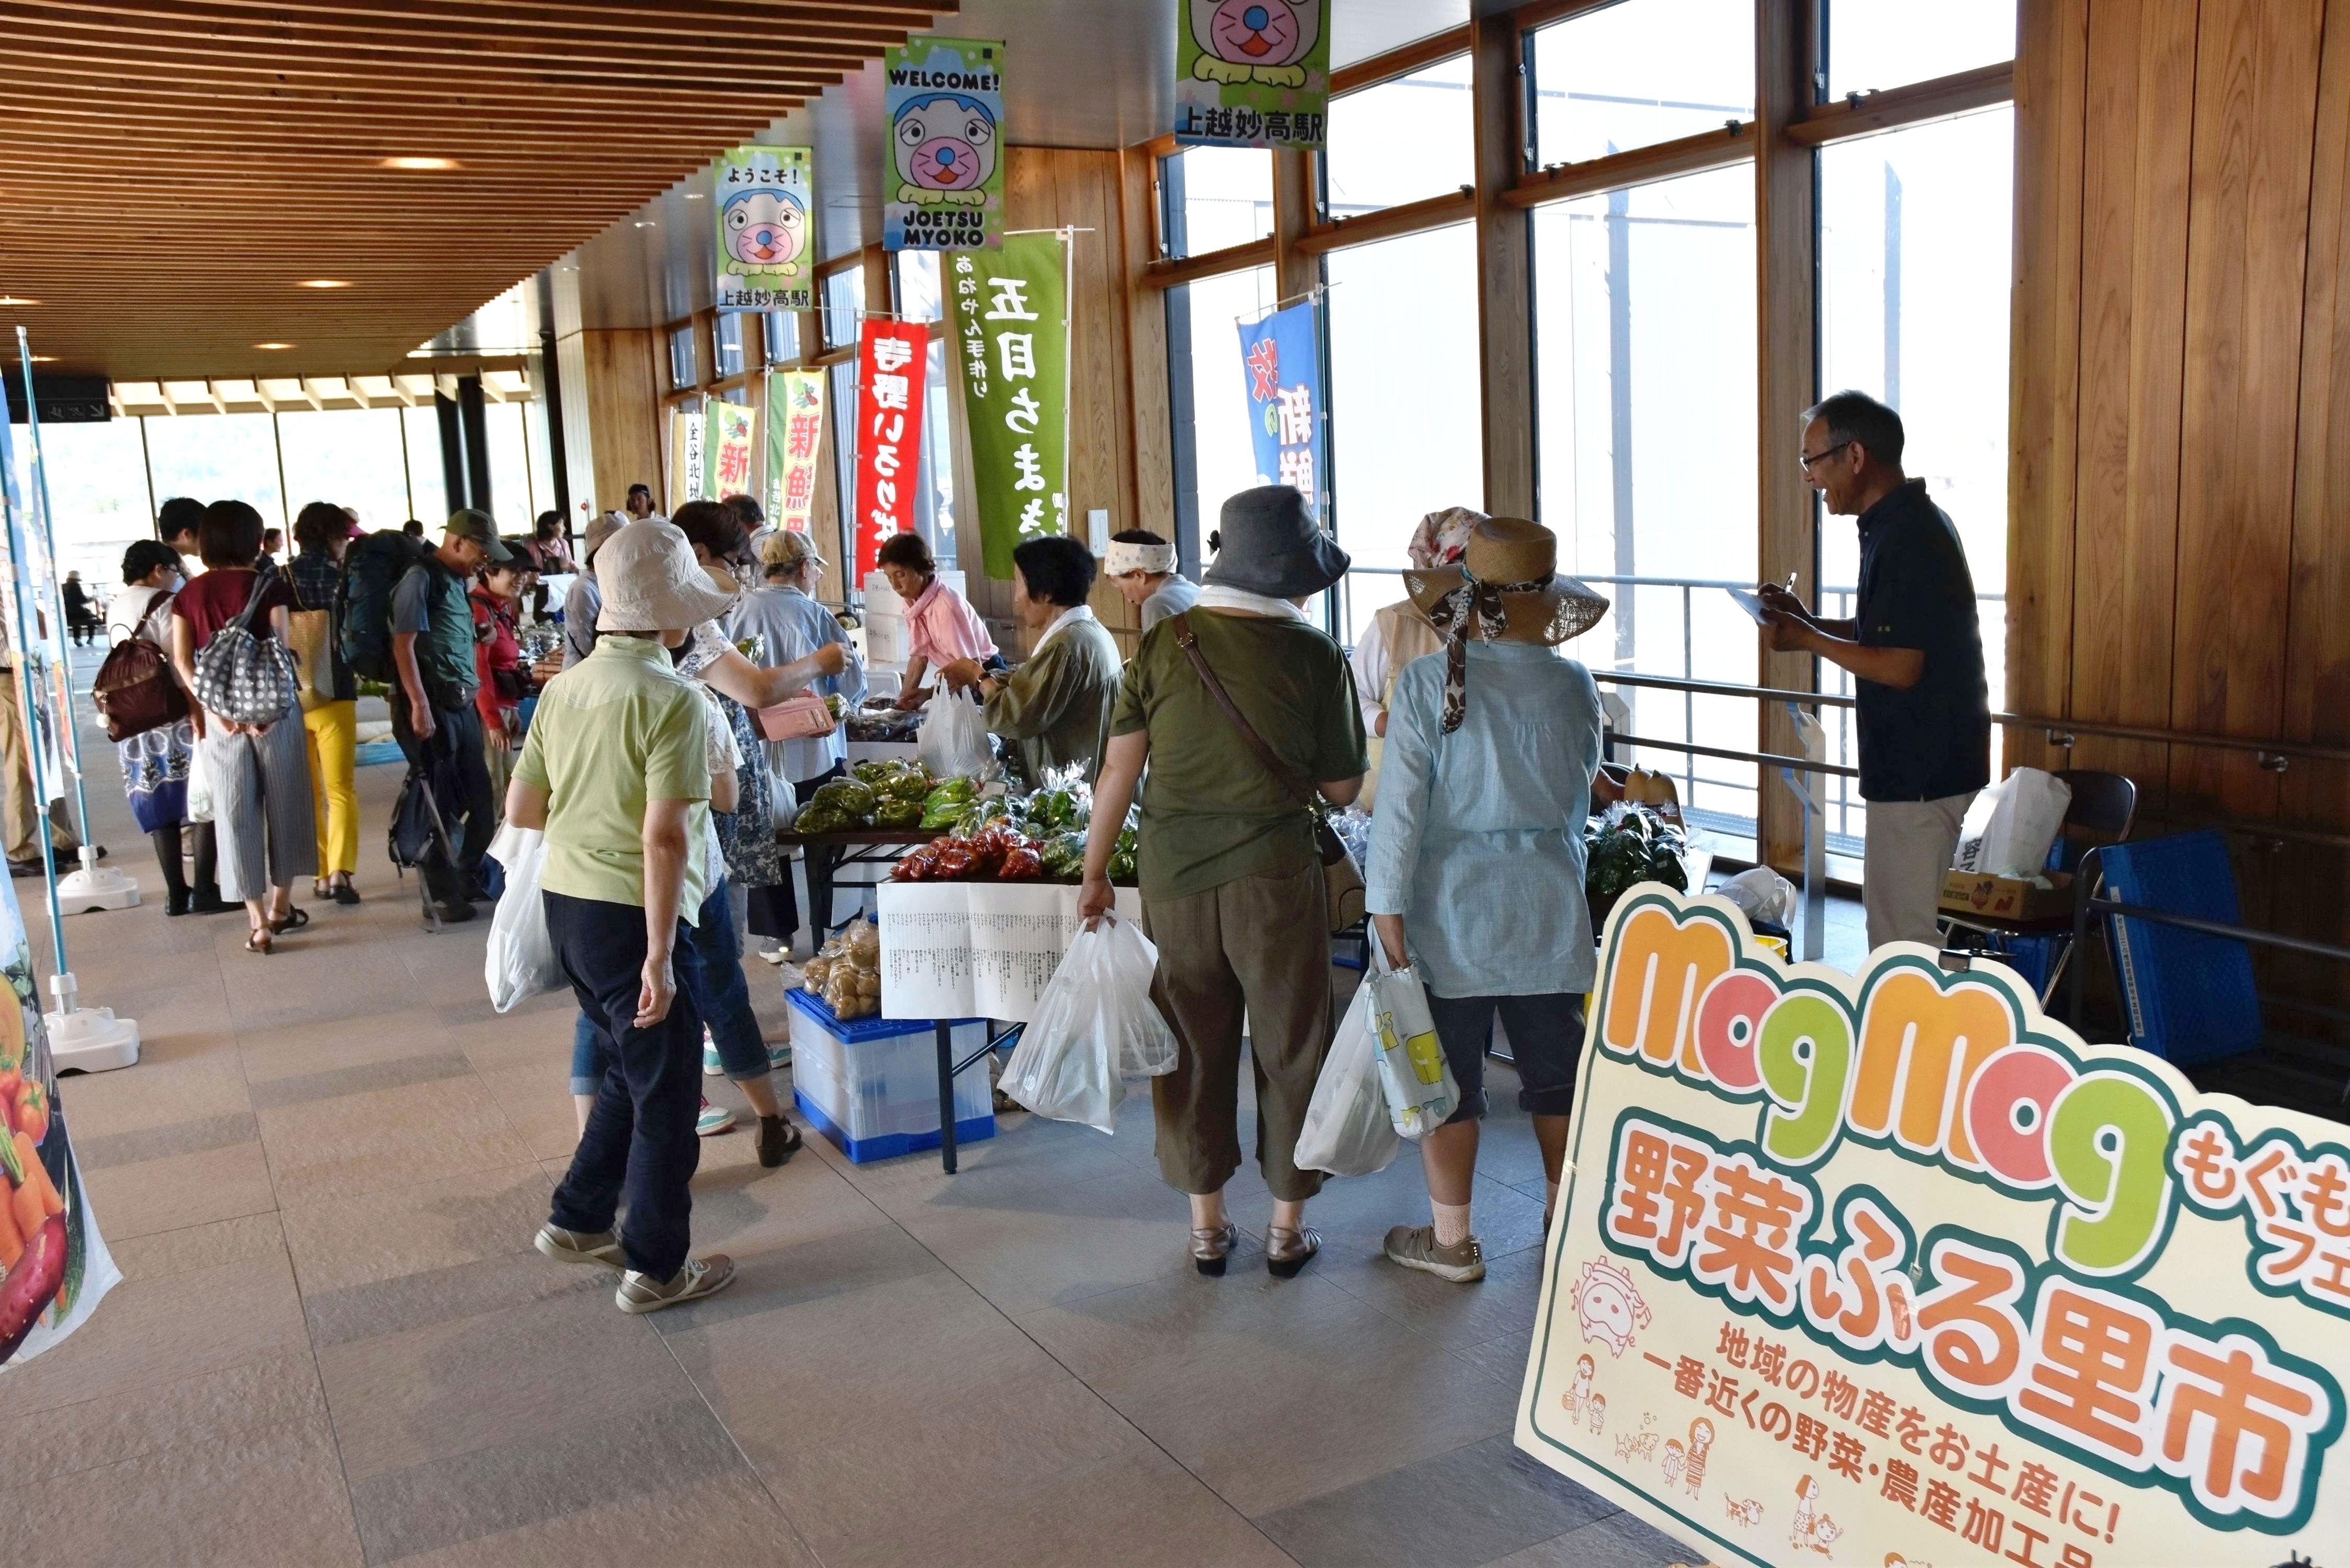 上越妙高駅の自由通路で開かれた「野菜ふる里市」=4日、上越市